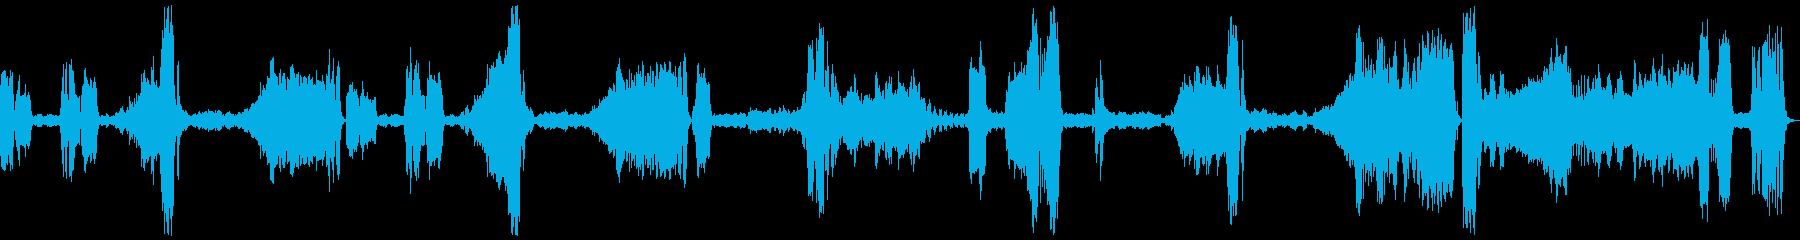 ベートーヴェン交響曲第5番 『運命 』 の再生済みの波形